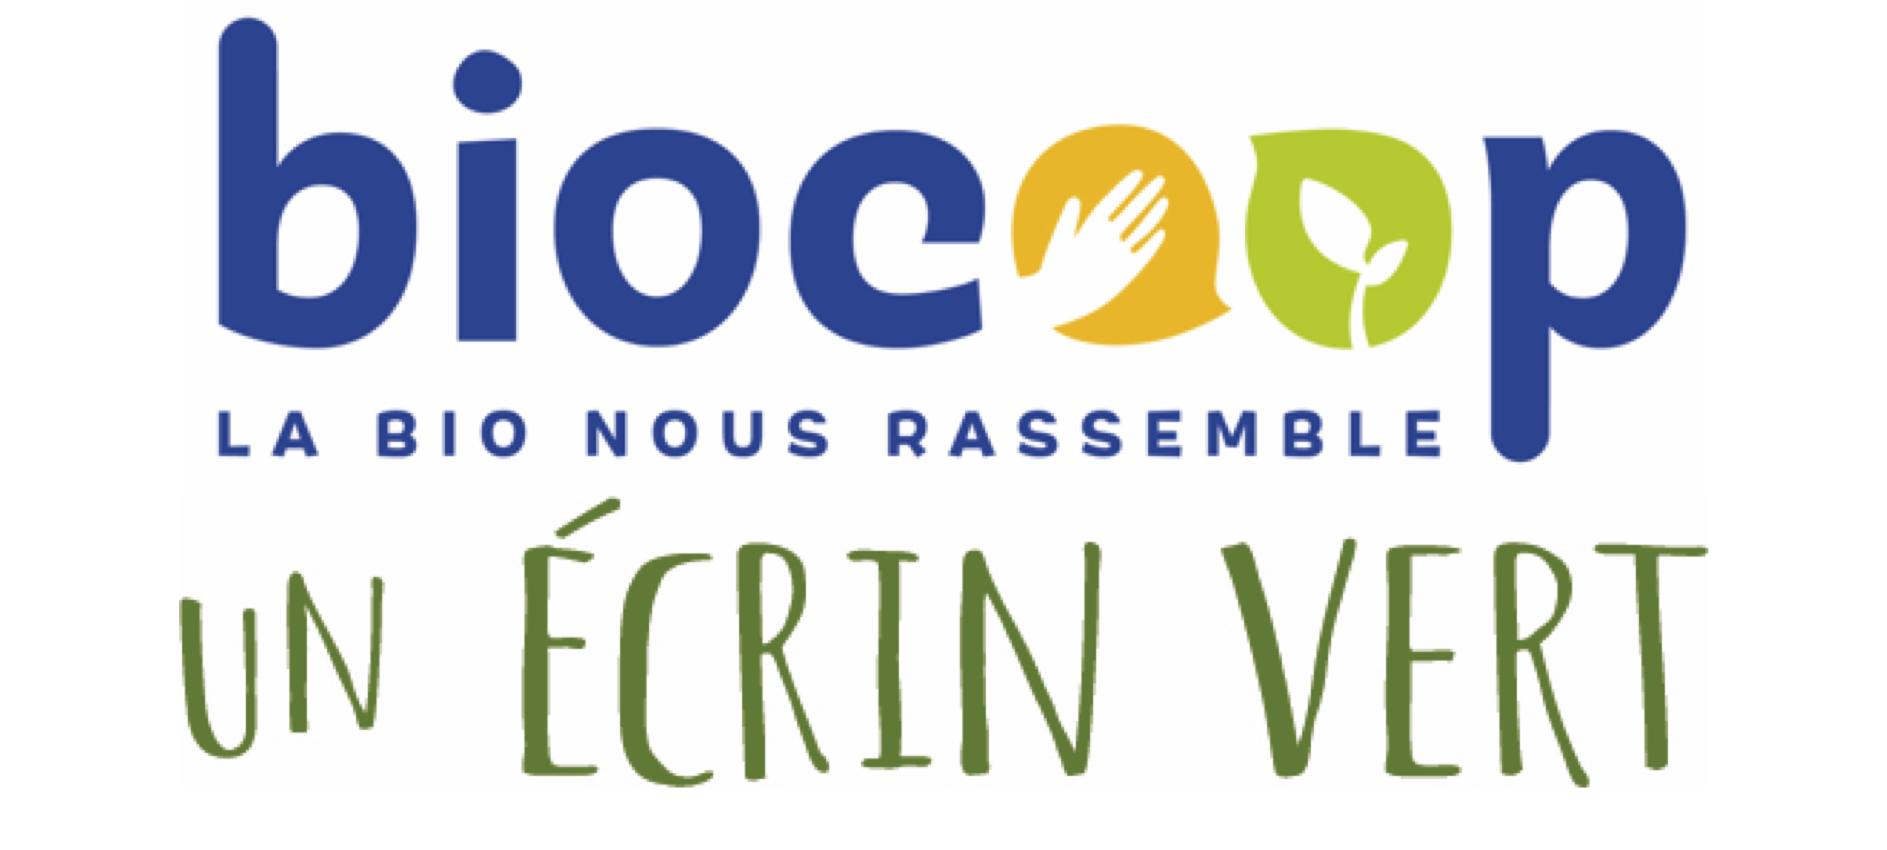 Biocoop - Un écrin vert